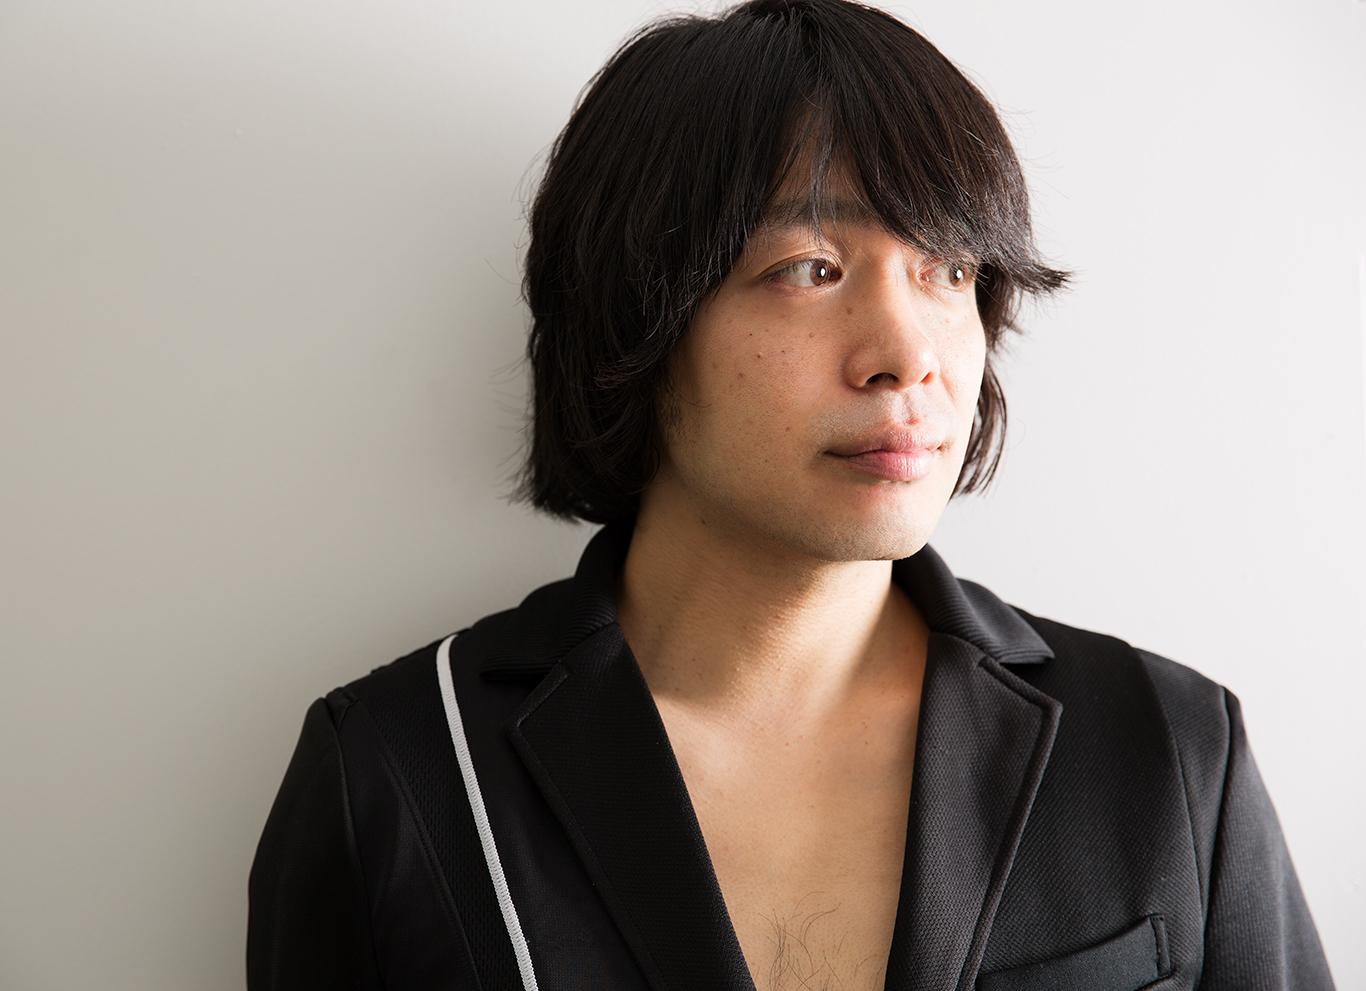 「したくないことをちゃんと考える」峯田和伸が教える、将来の夢の見つけ方